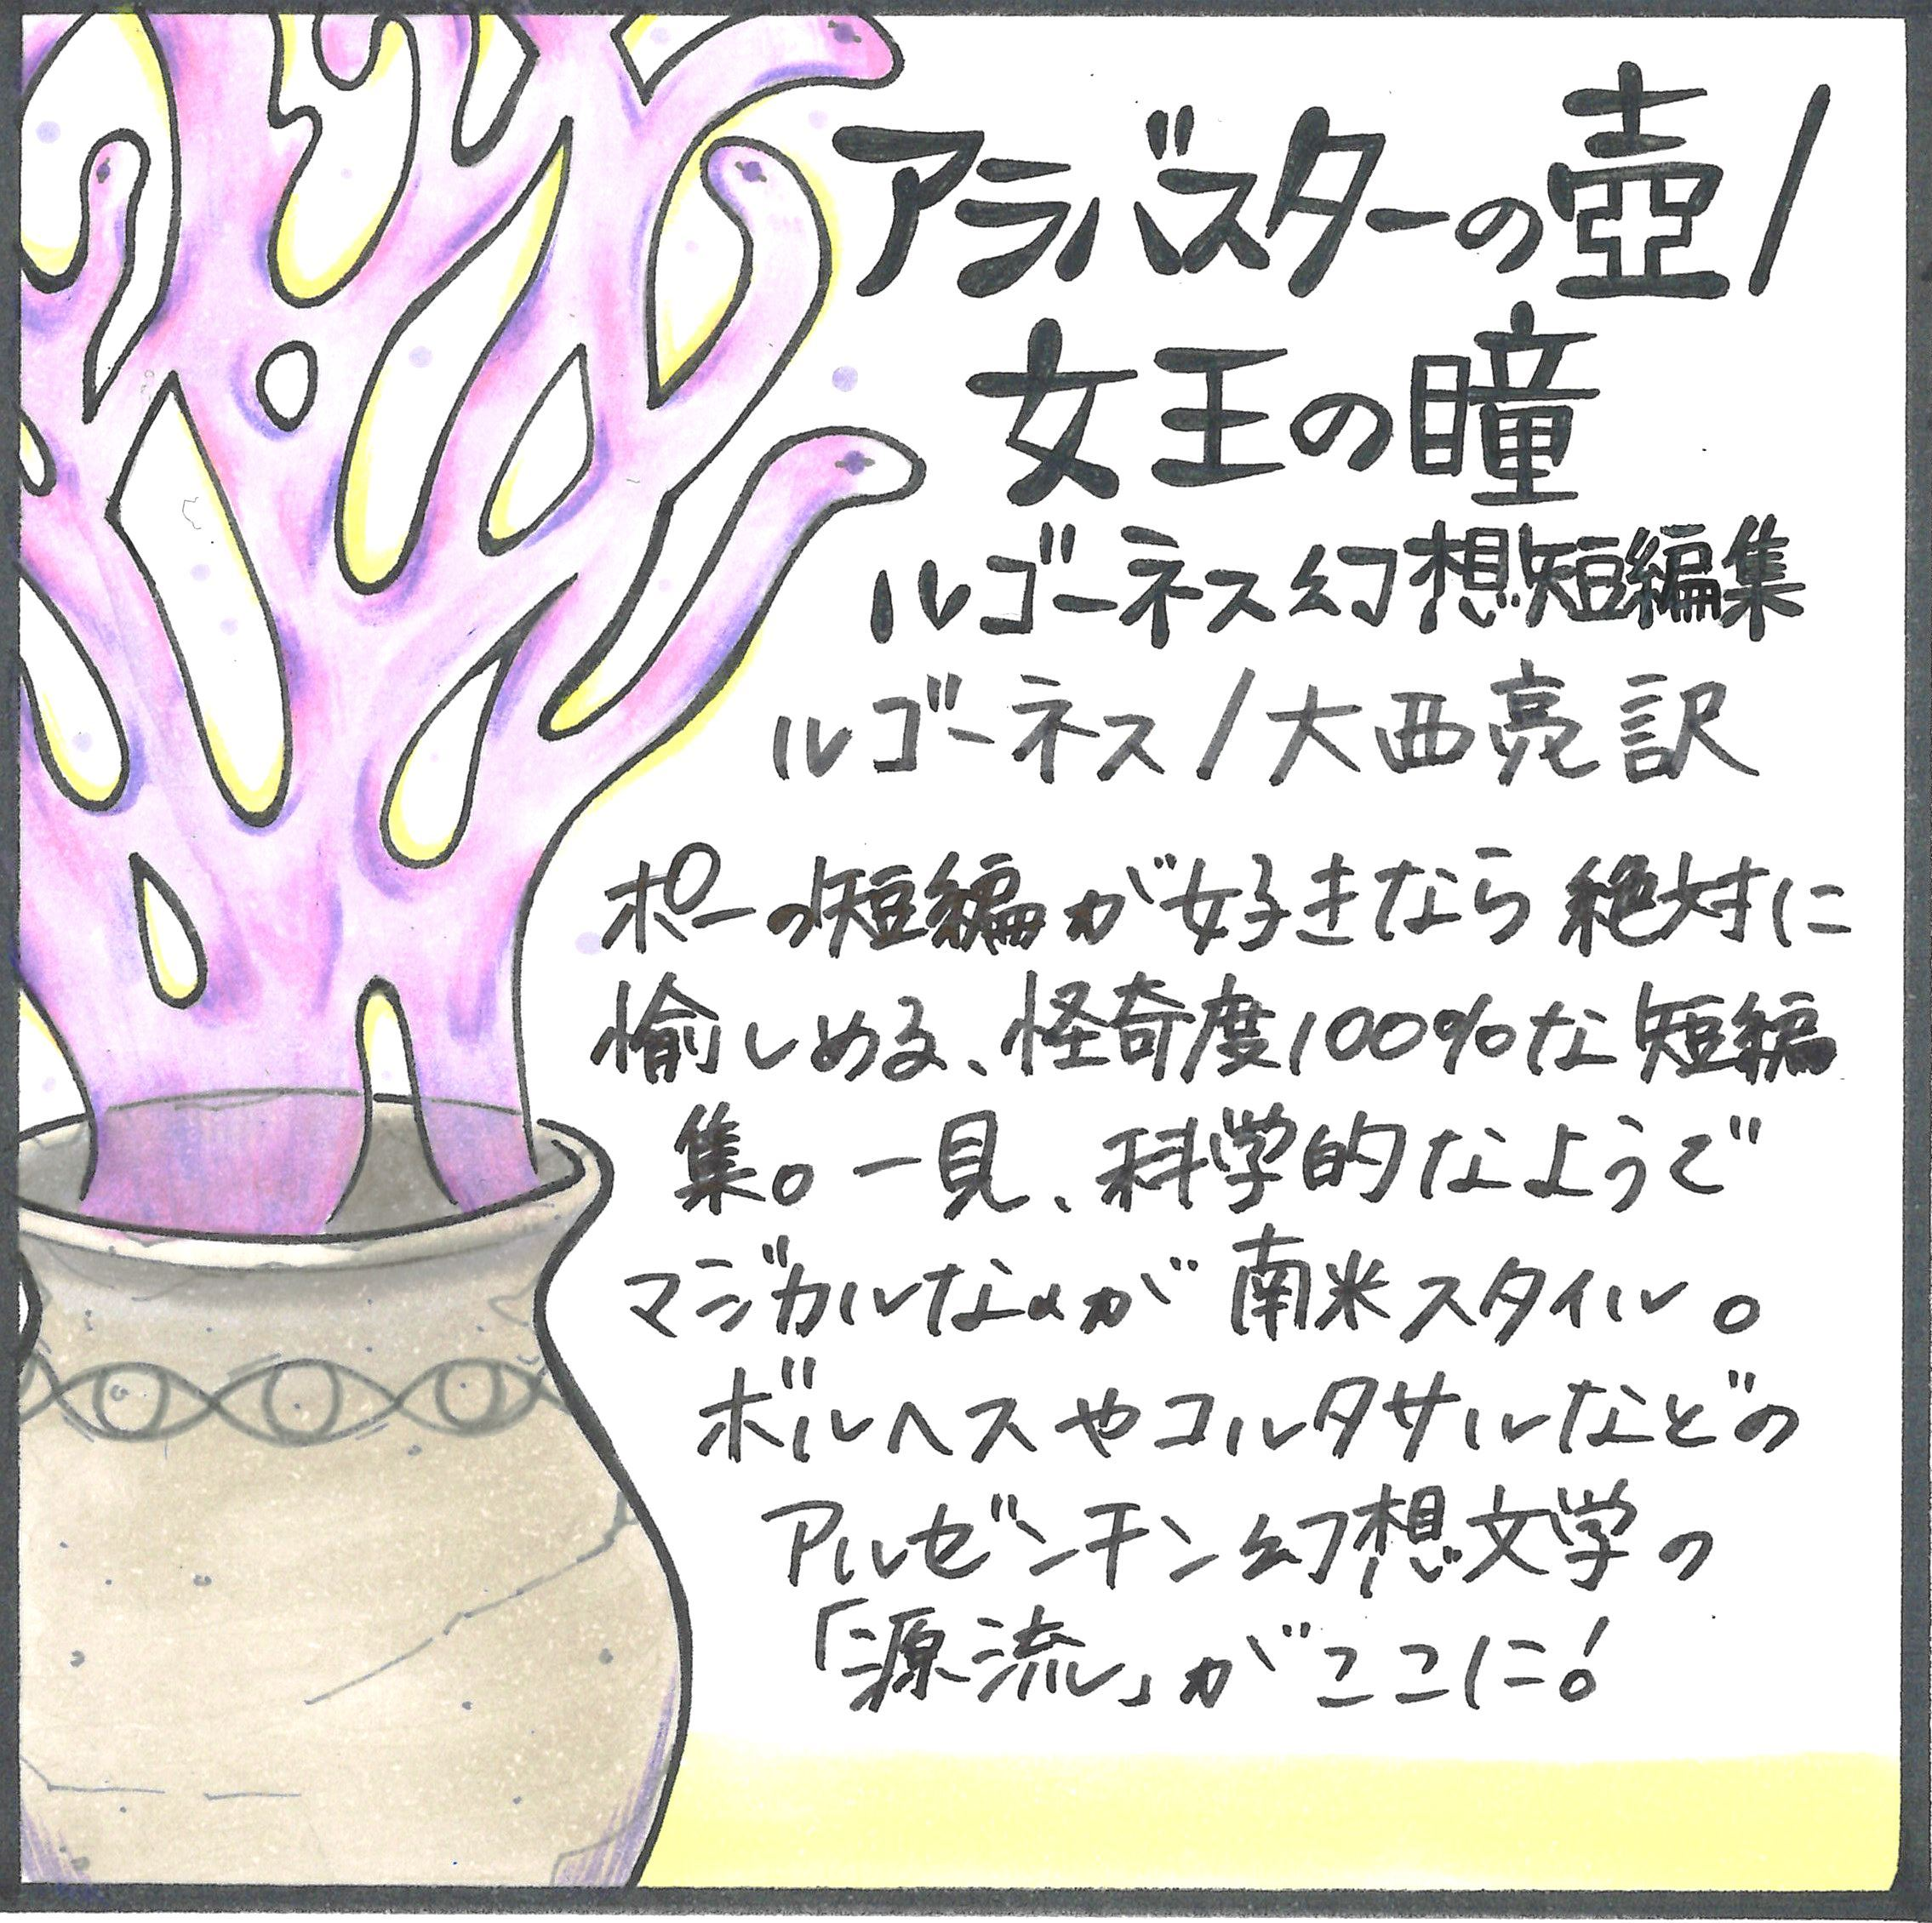 アラバスターの壺/女王の瞳 ルゴーネス幻想短編集